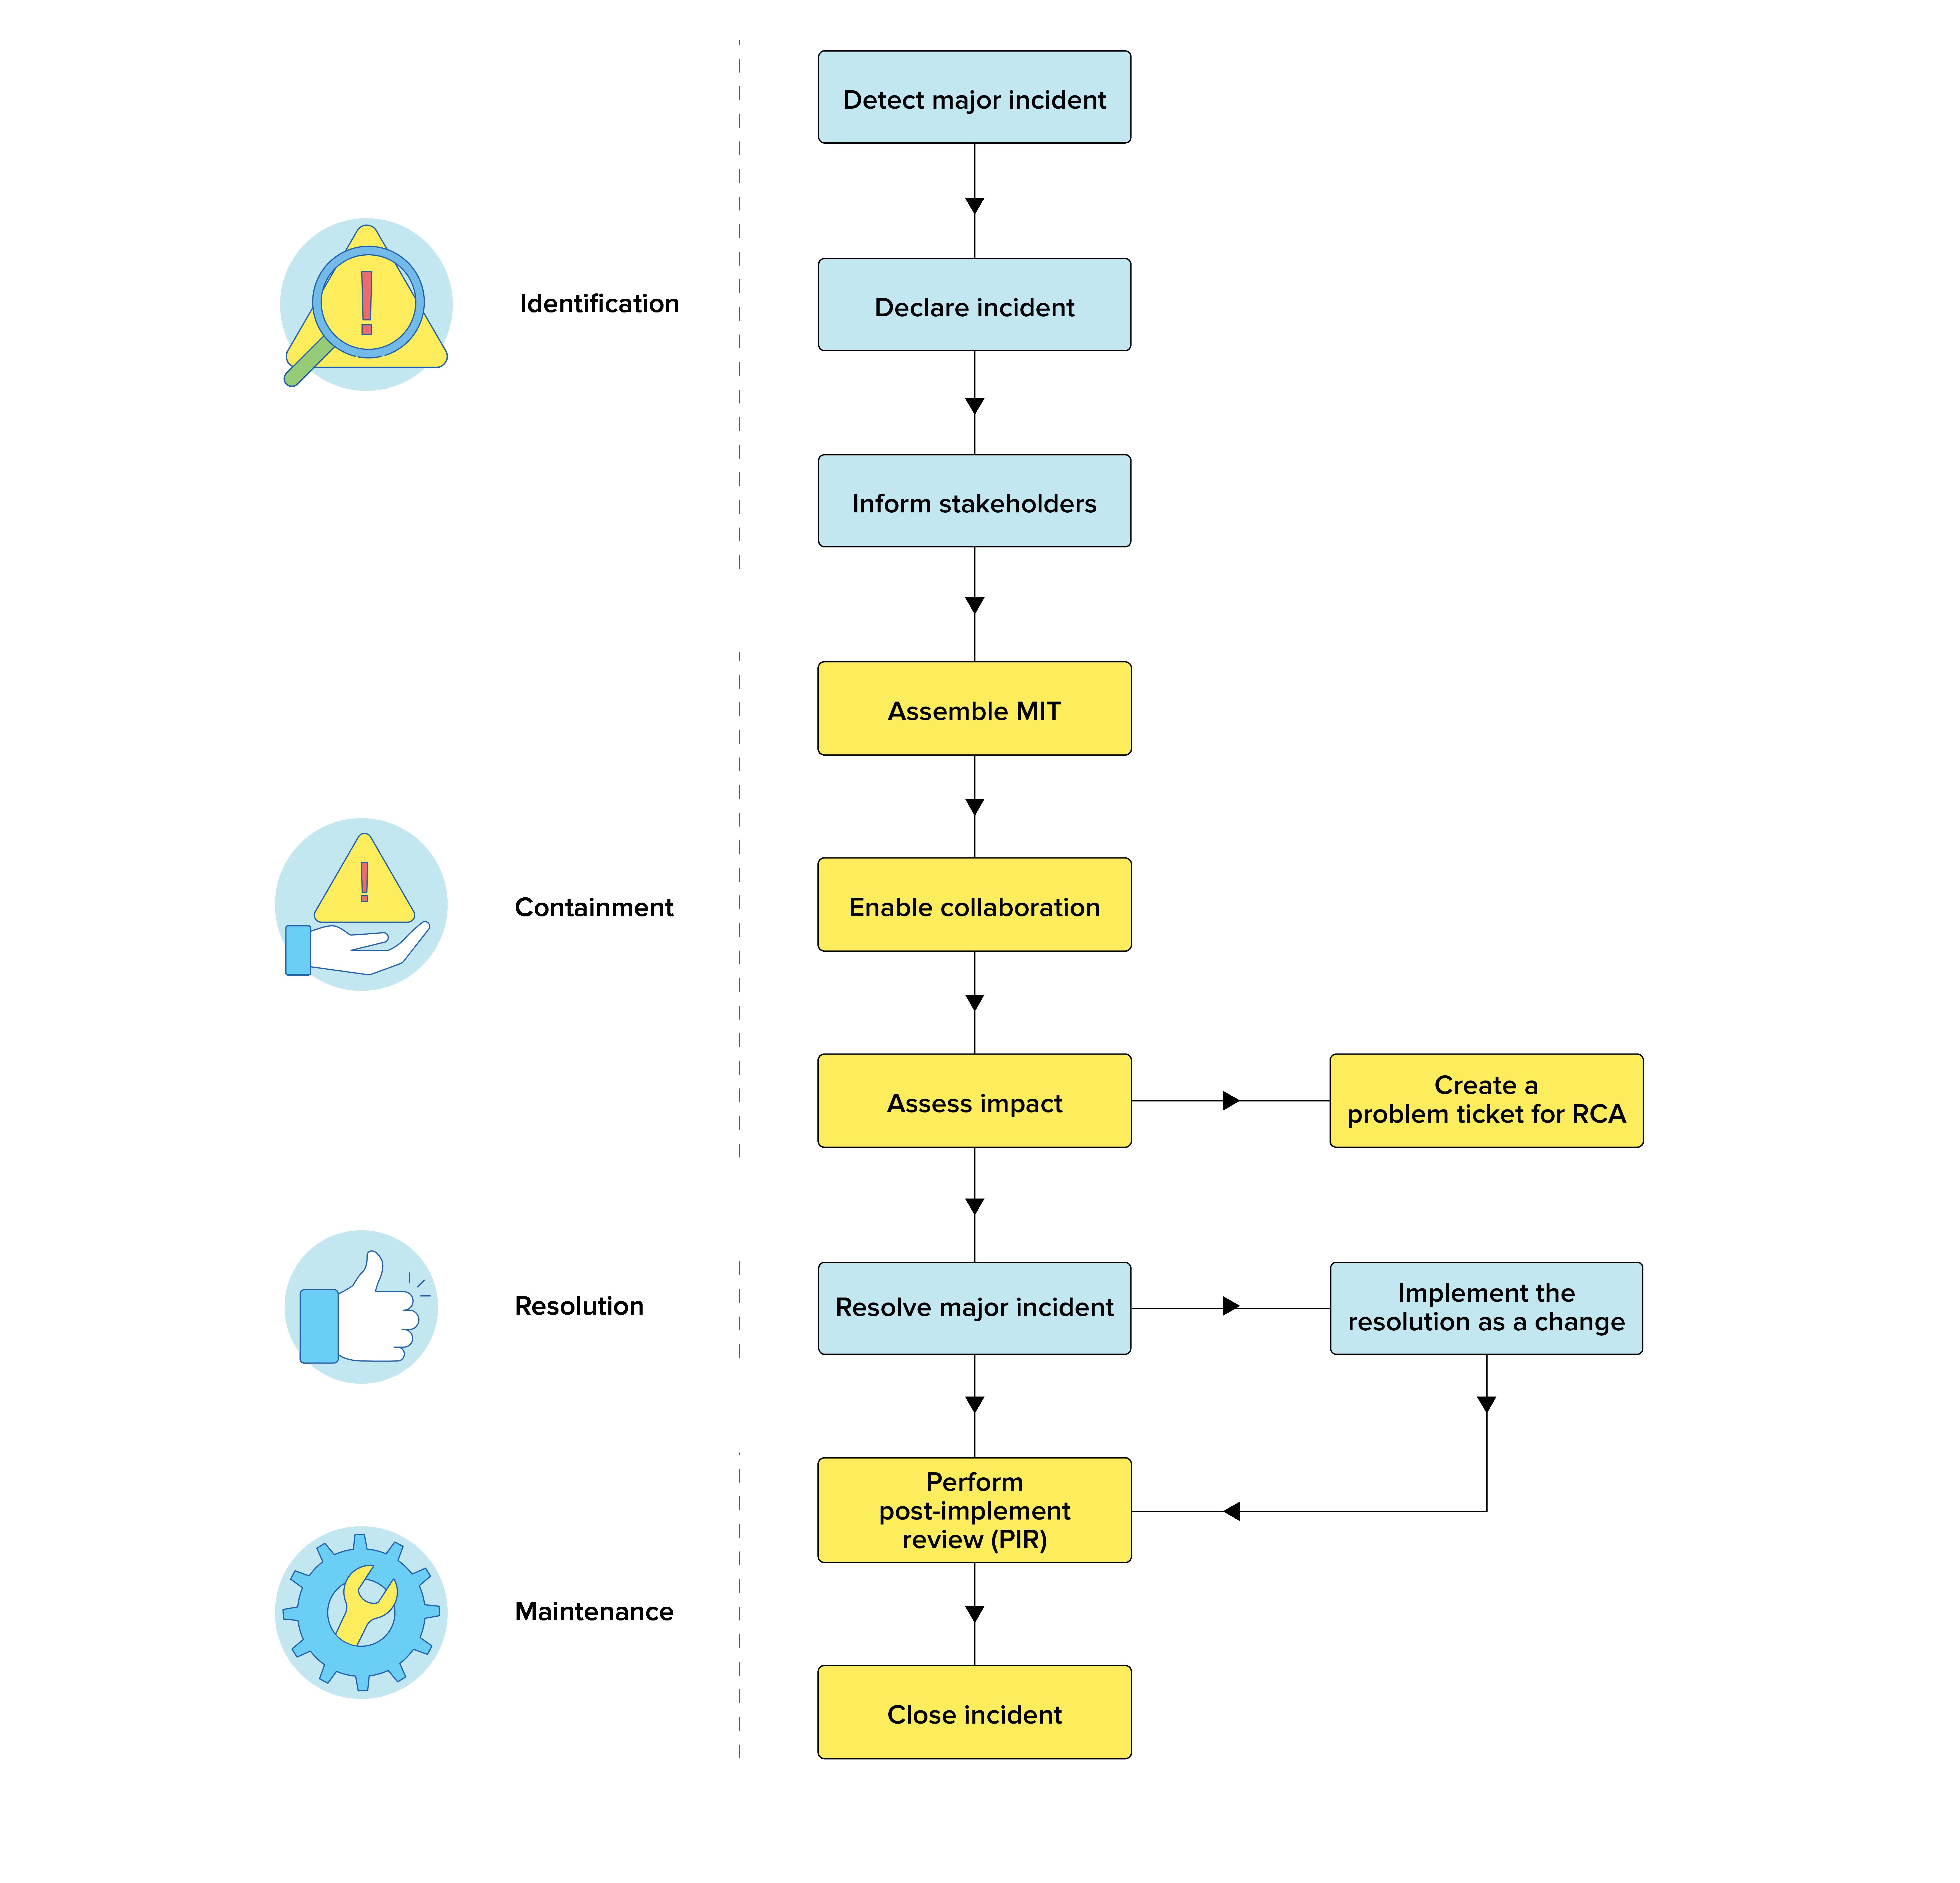 Organigramme ITIL du flux de processus de gestion des incidents majeurs